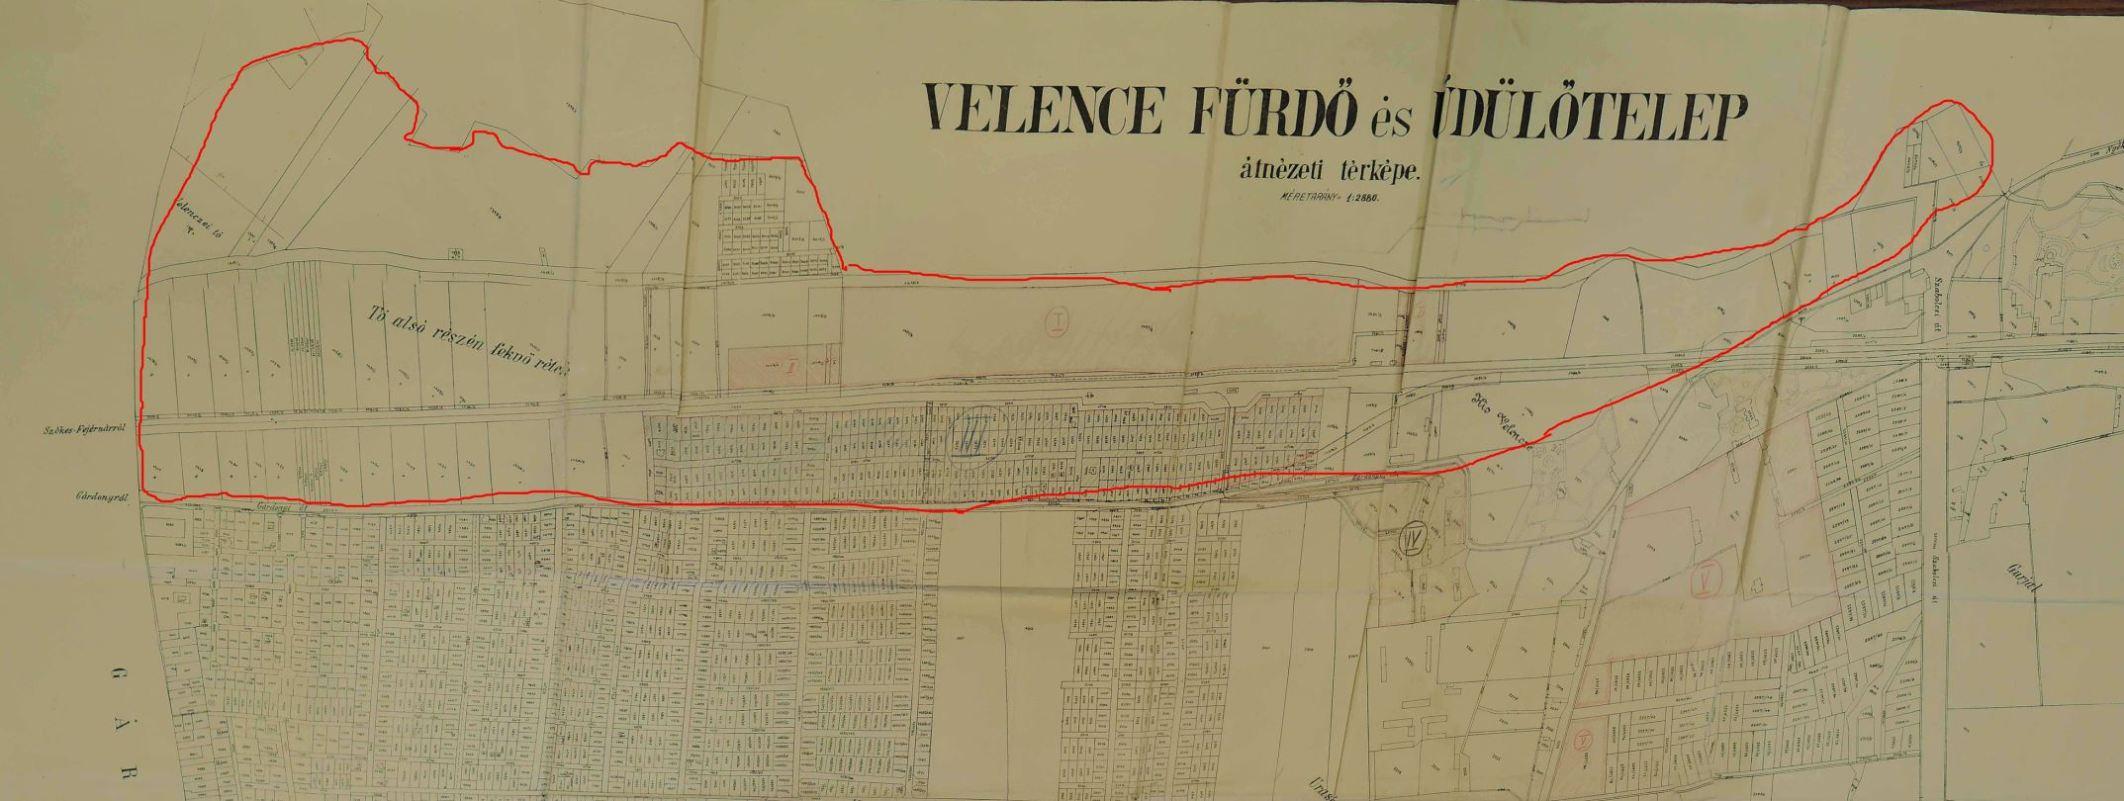 Velence dél 1936 nagyon kicsi